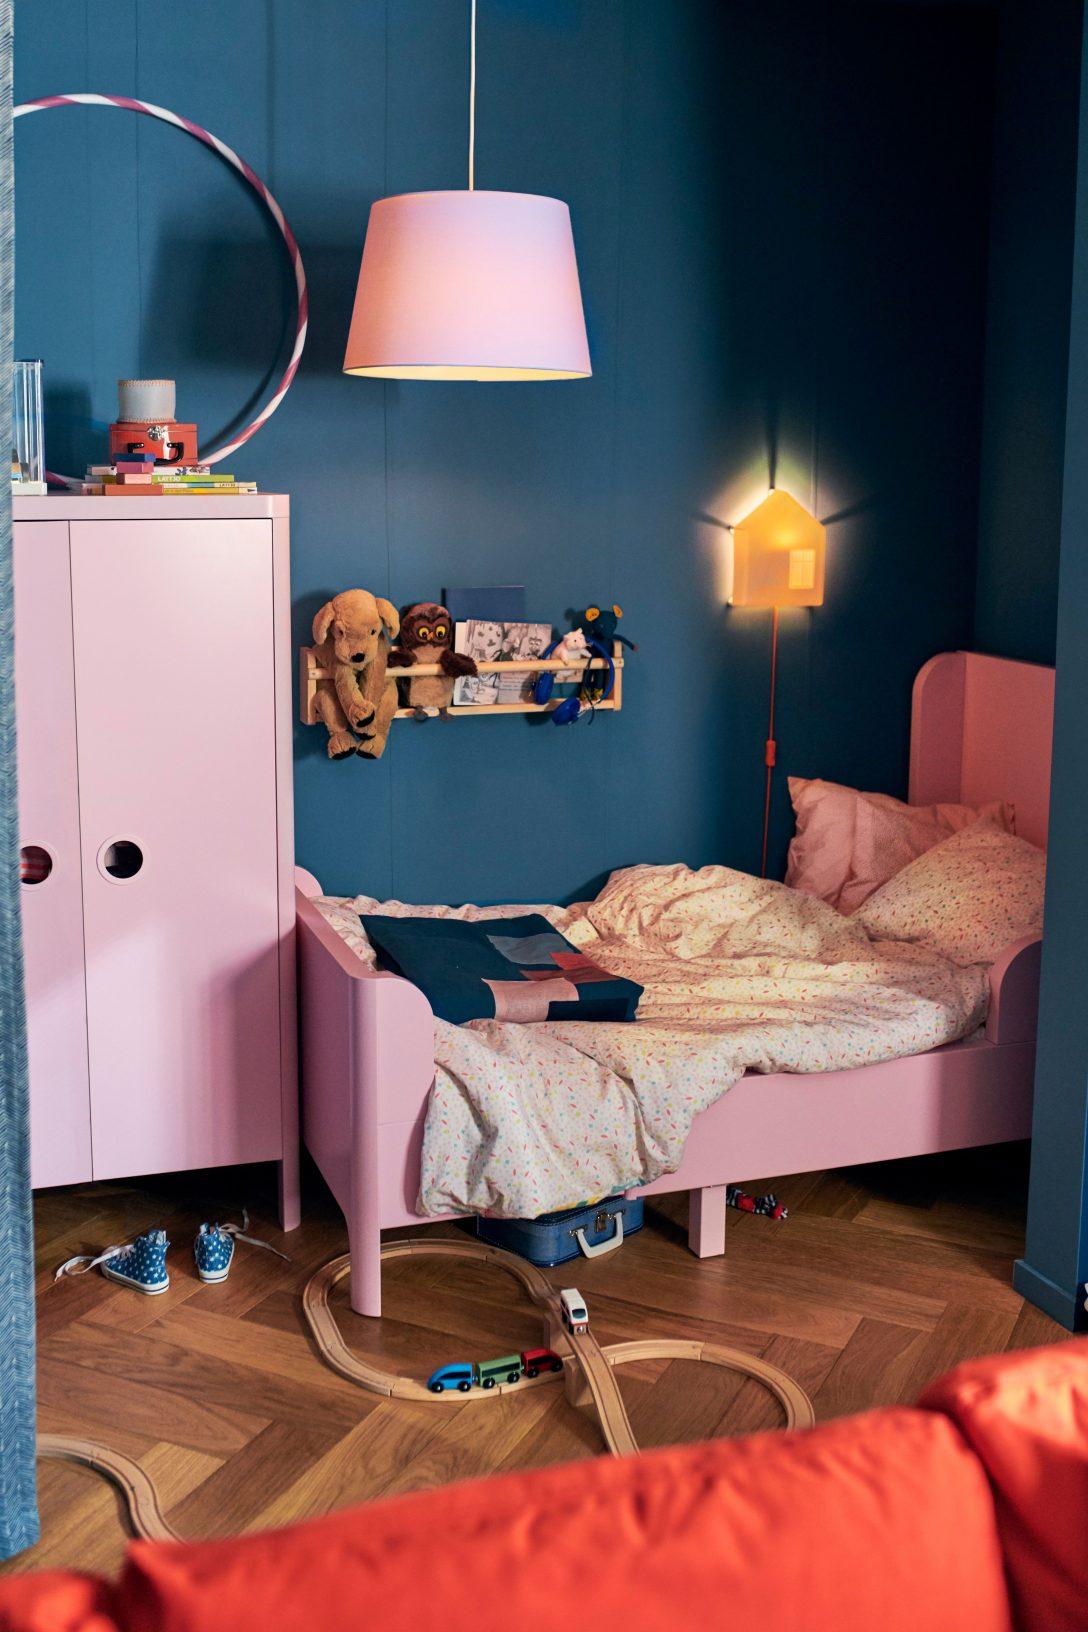 Large Size of Ikea Bett Kinder Busunge Bettgestell Home Affaire Nussbaum 180x200 Breite Jabo Betten Stauraum 200x200 Weiß 120x200 140x200 Ohne Kopfteil Erhöhtes Großes Wohnzimmer Ikea Bett Kinder